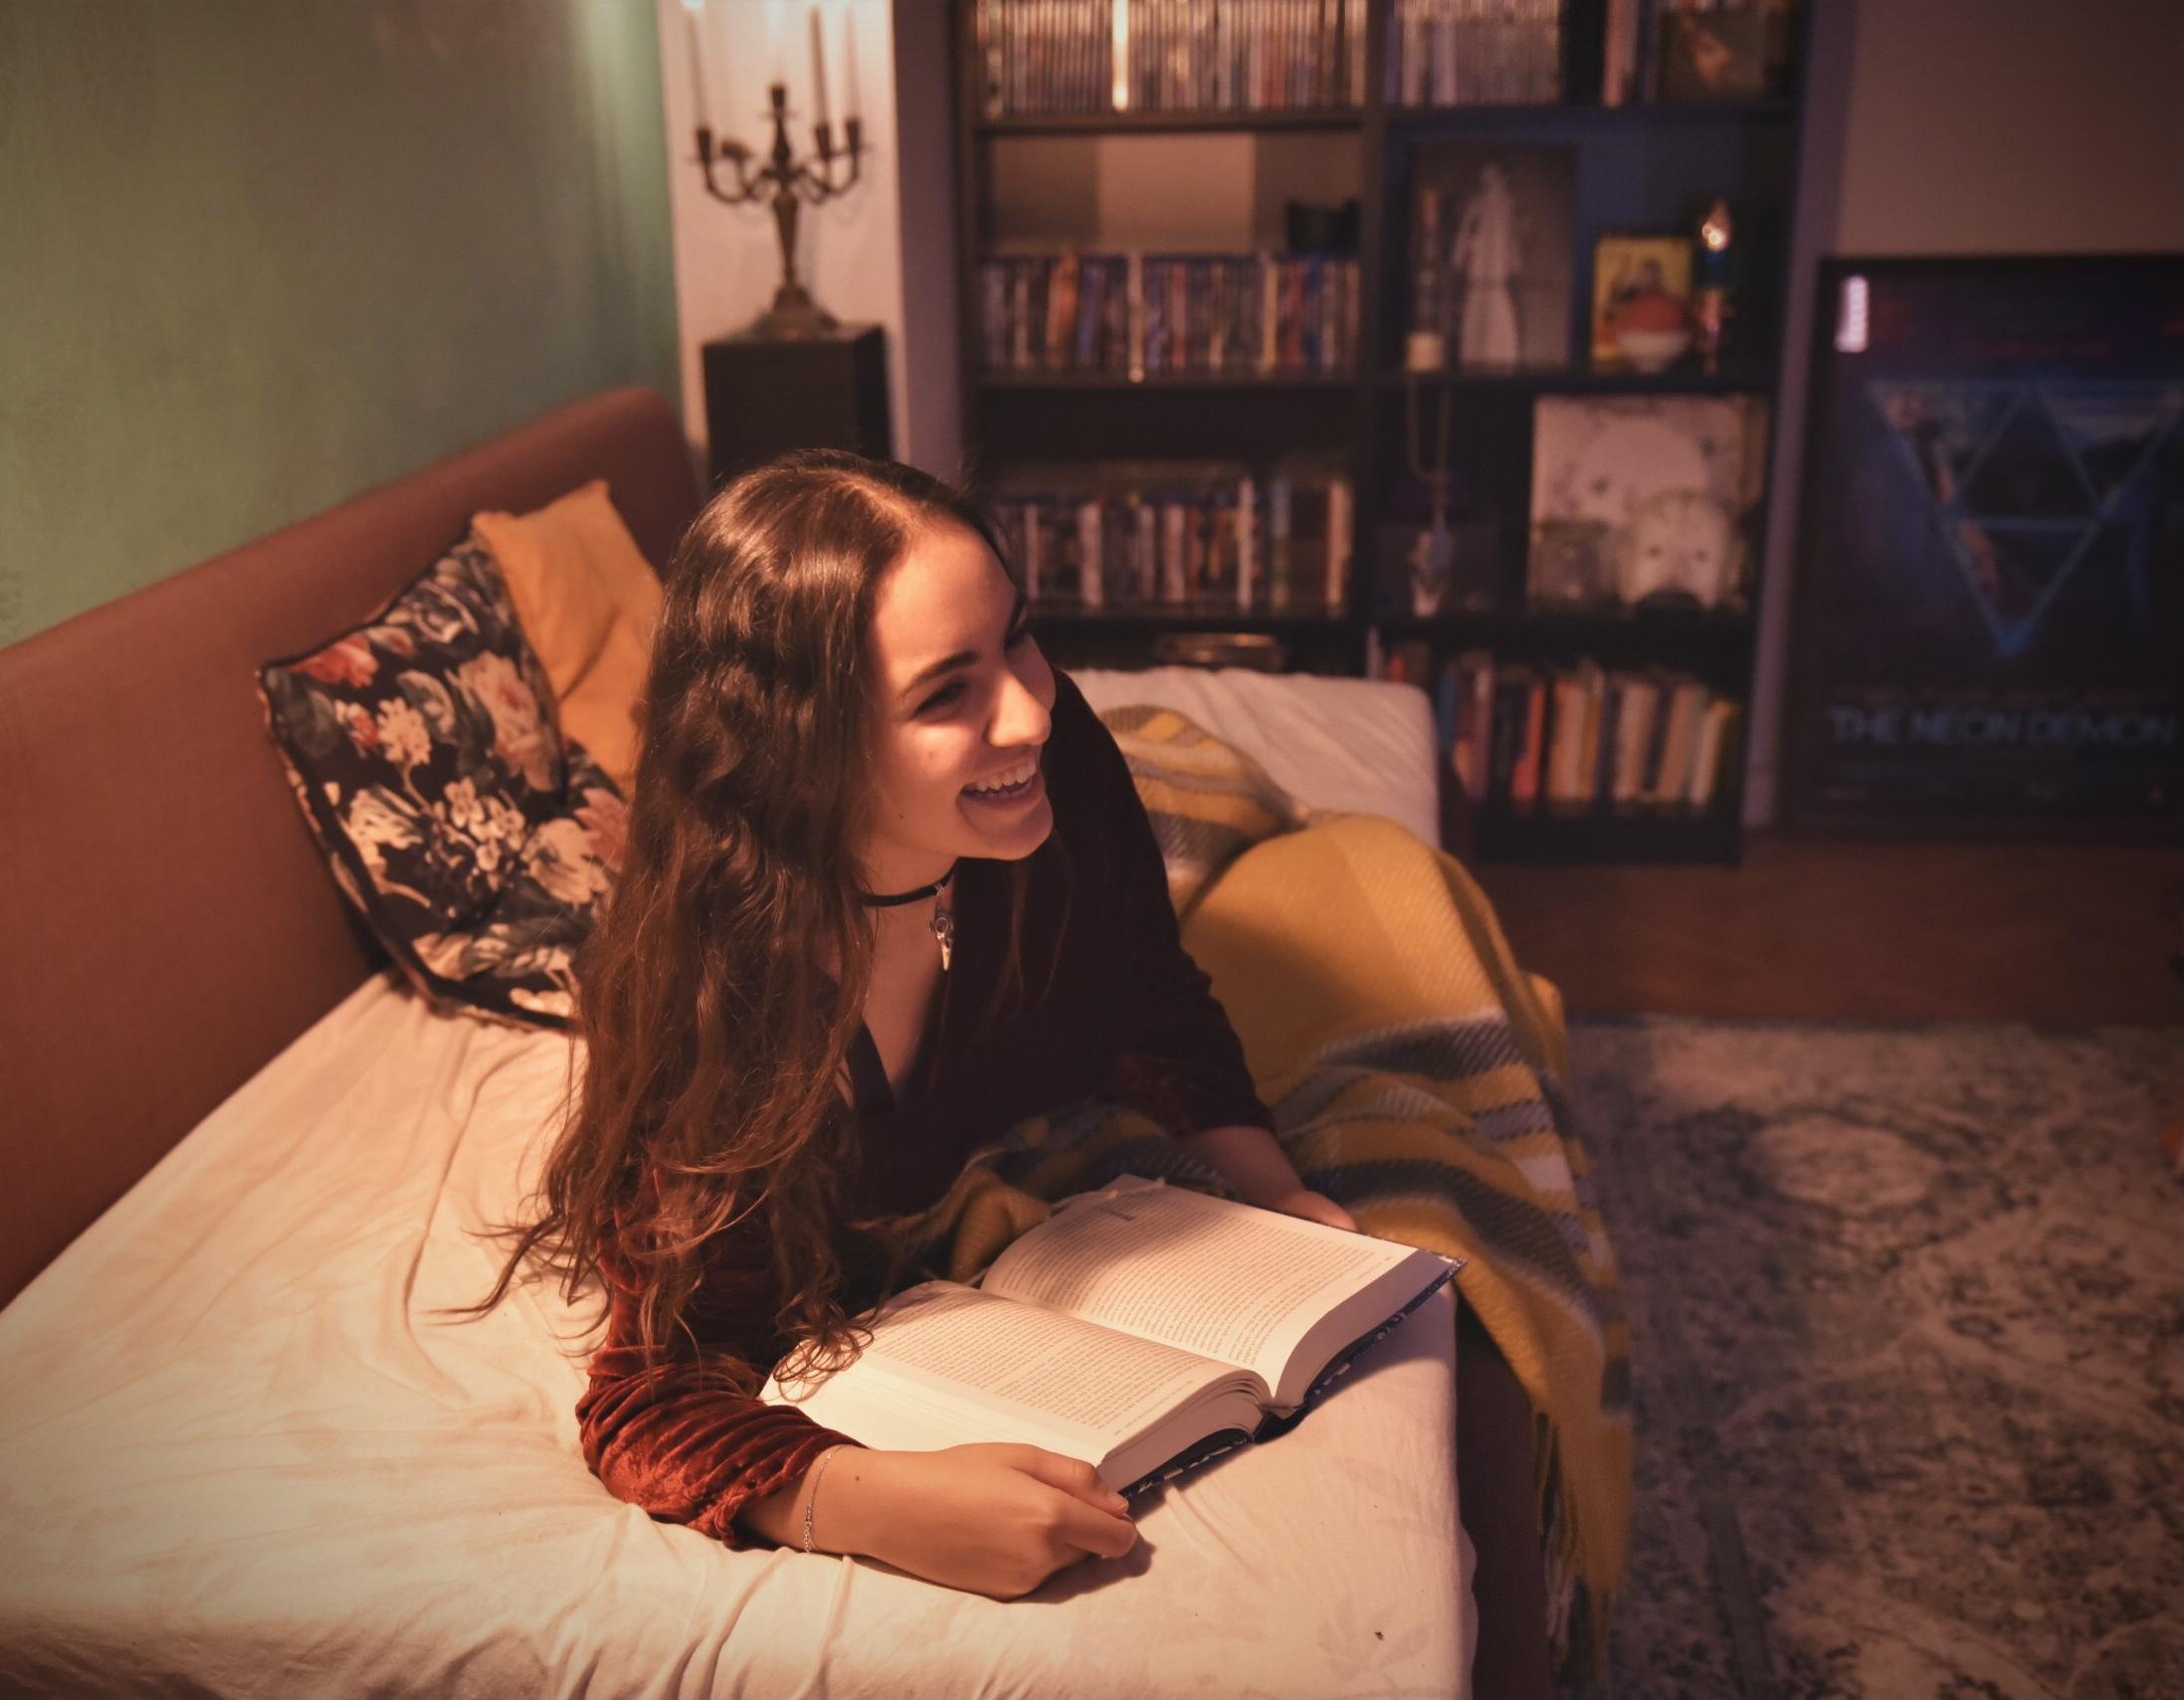 Yasmin liegt lachend und lesend auf ihrer Couch